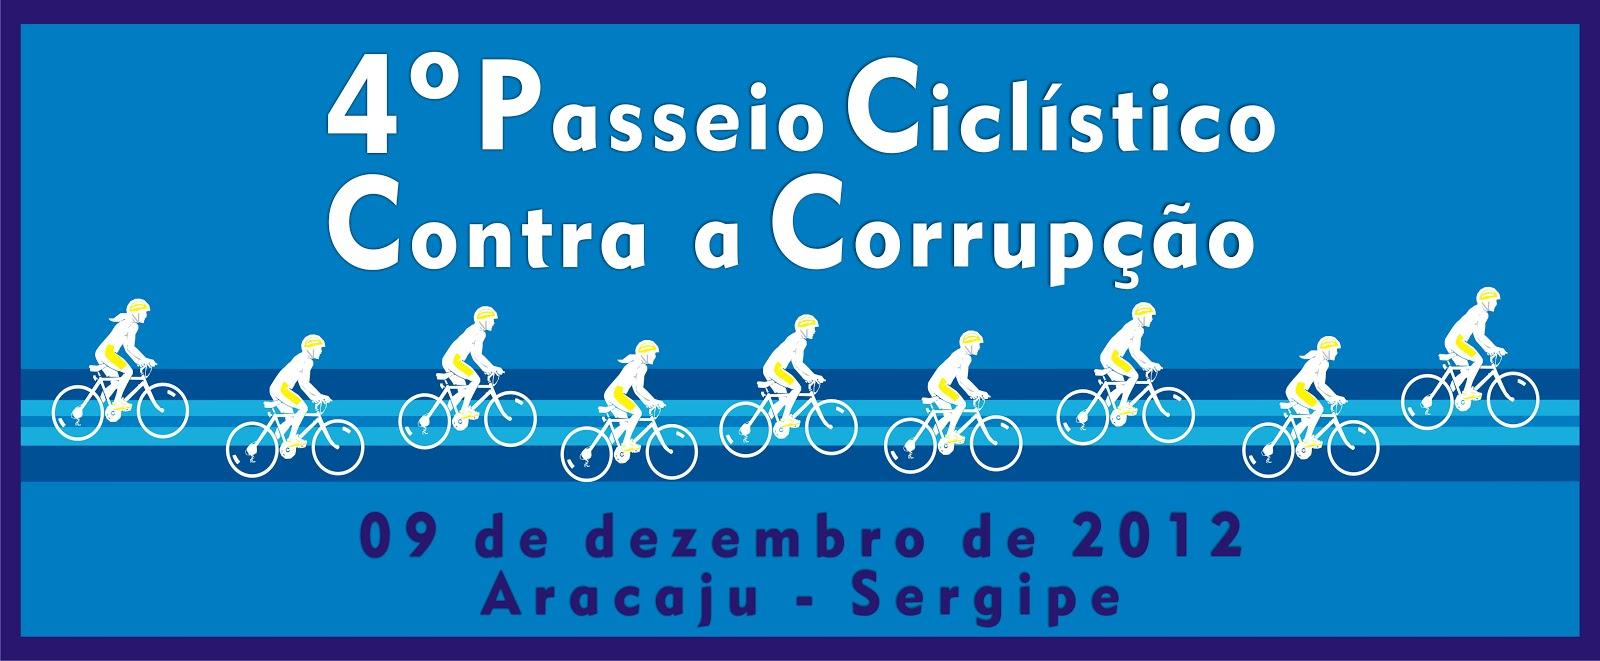 4º Passeio Ciclístico contra a Corrupção acontece no domingo